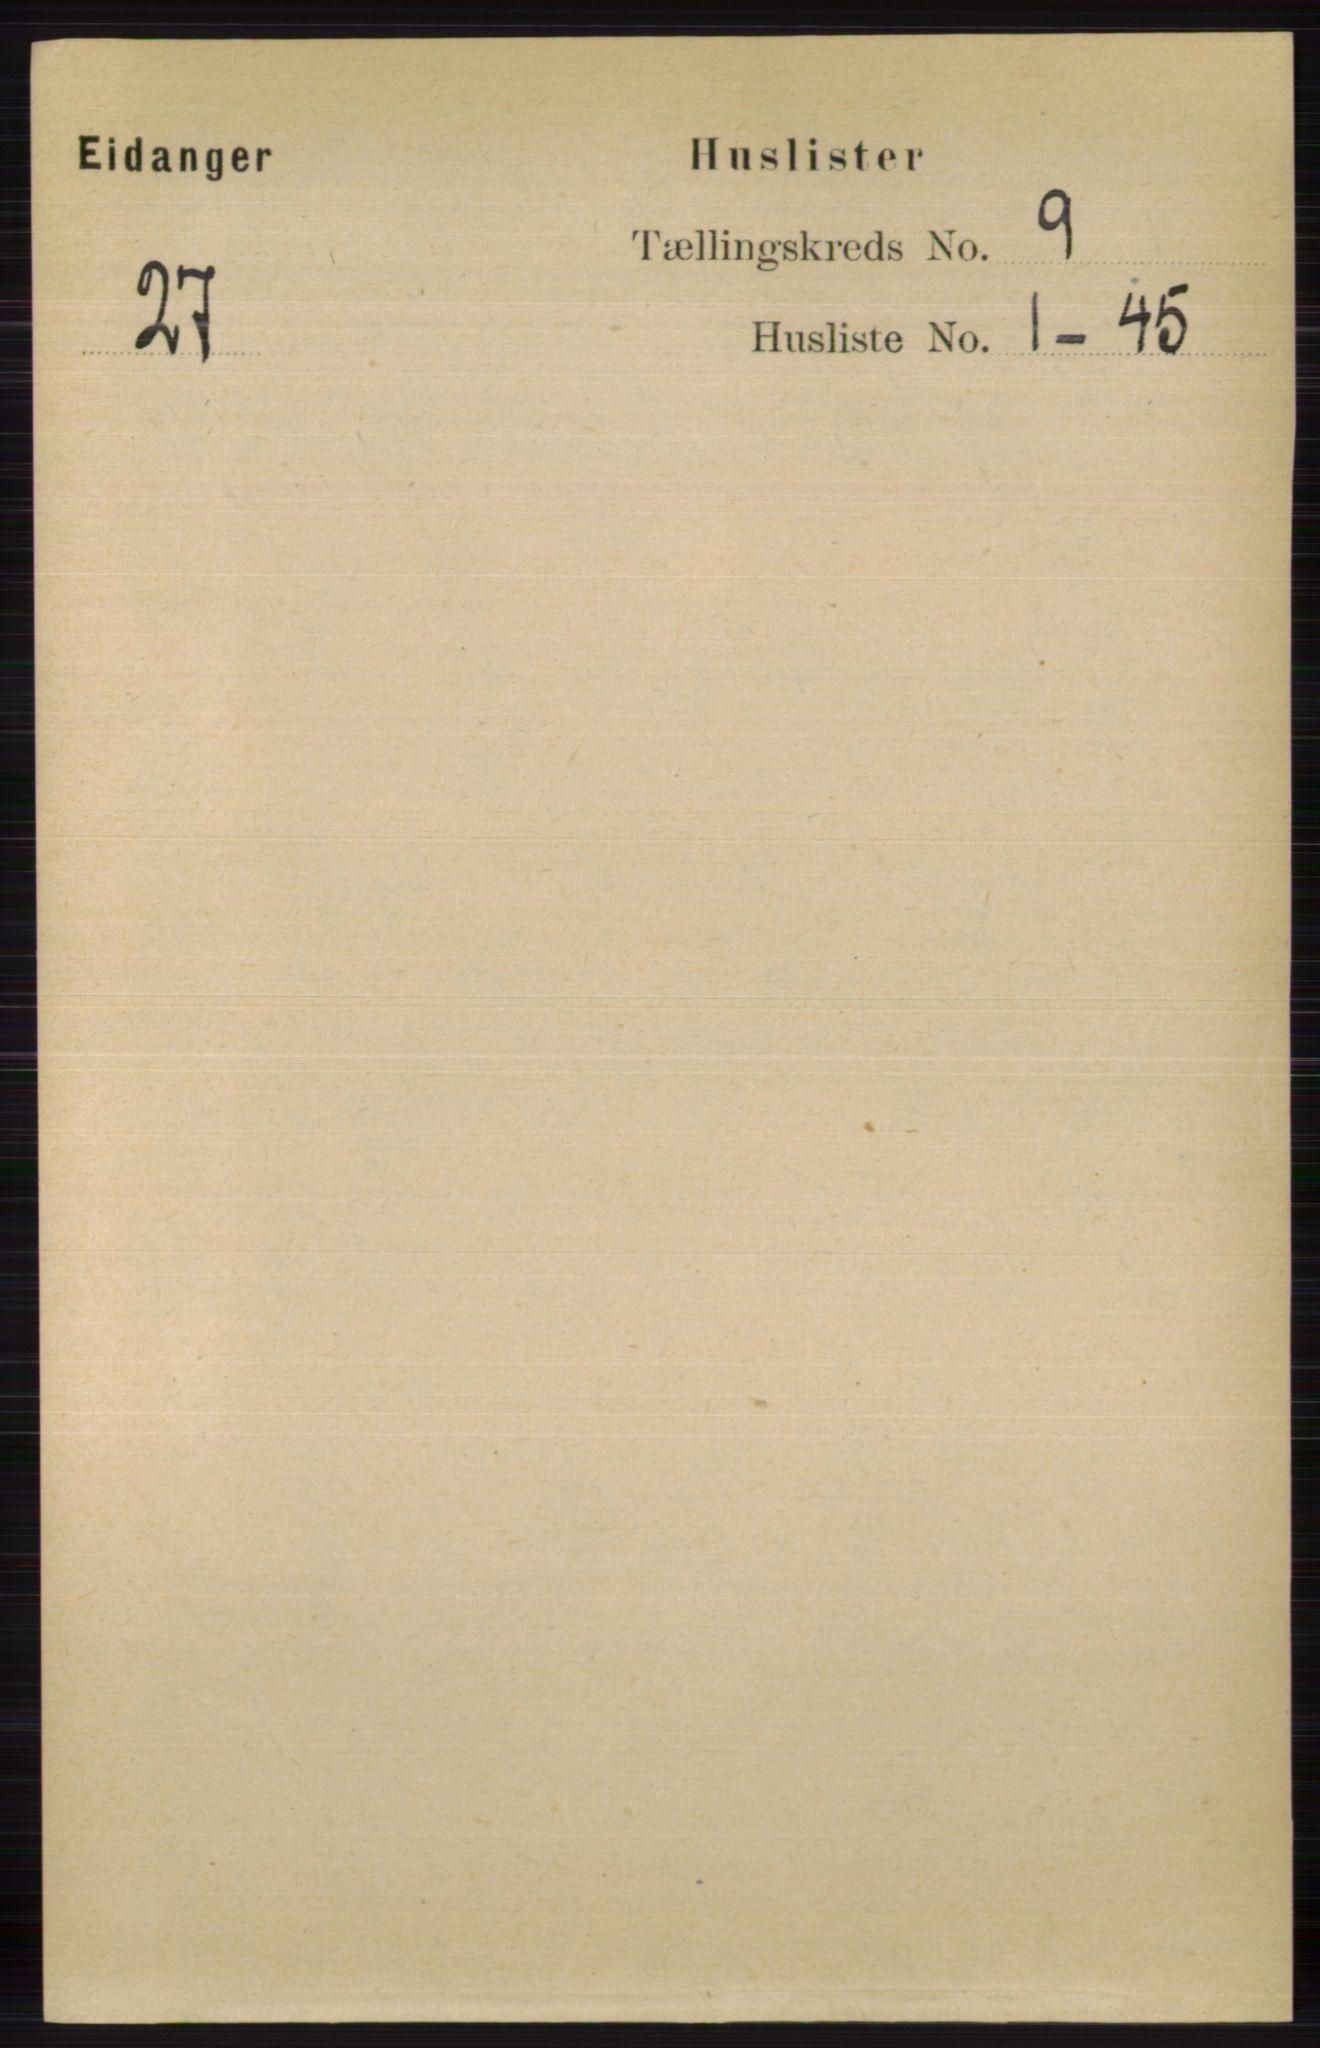 RA, Folketelling 1891 for 0813 Eidanger herred, 1891, s. 3562